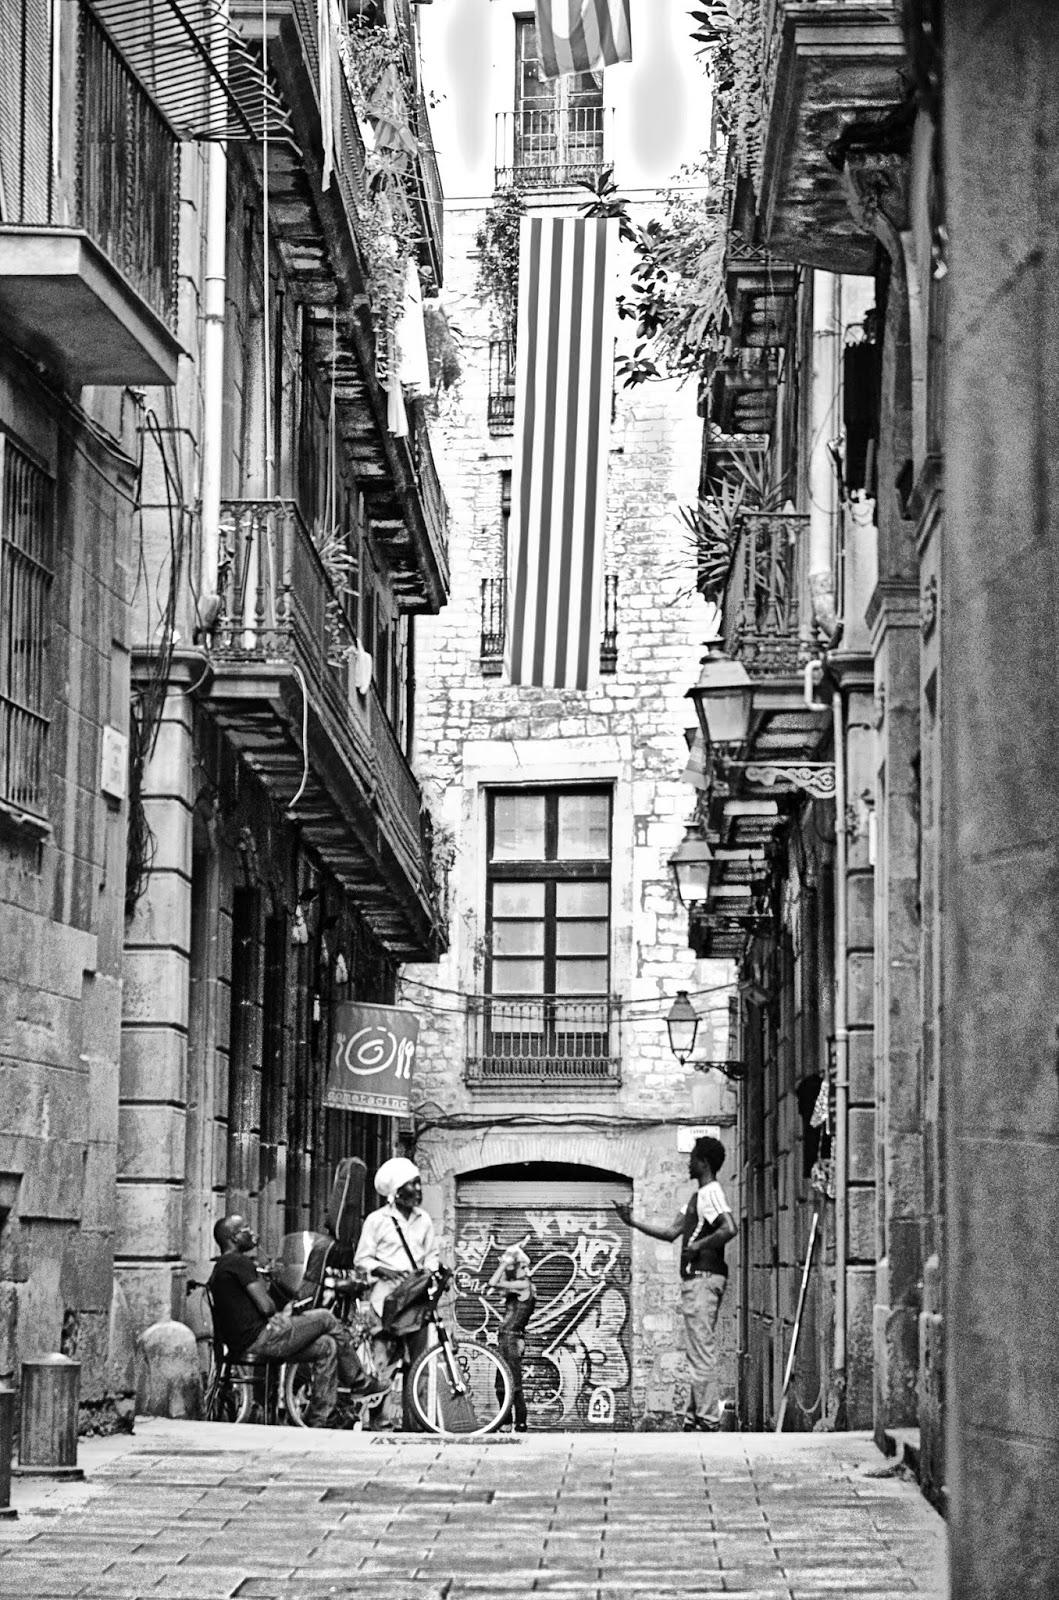 Ethnic Barcelona